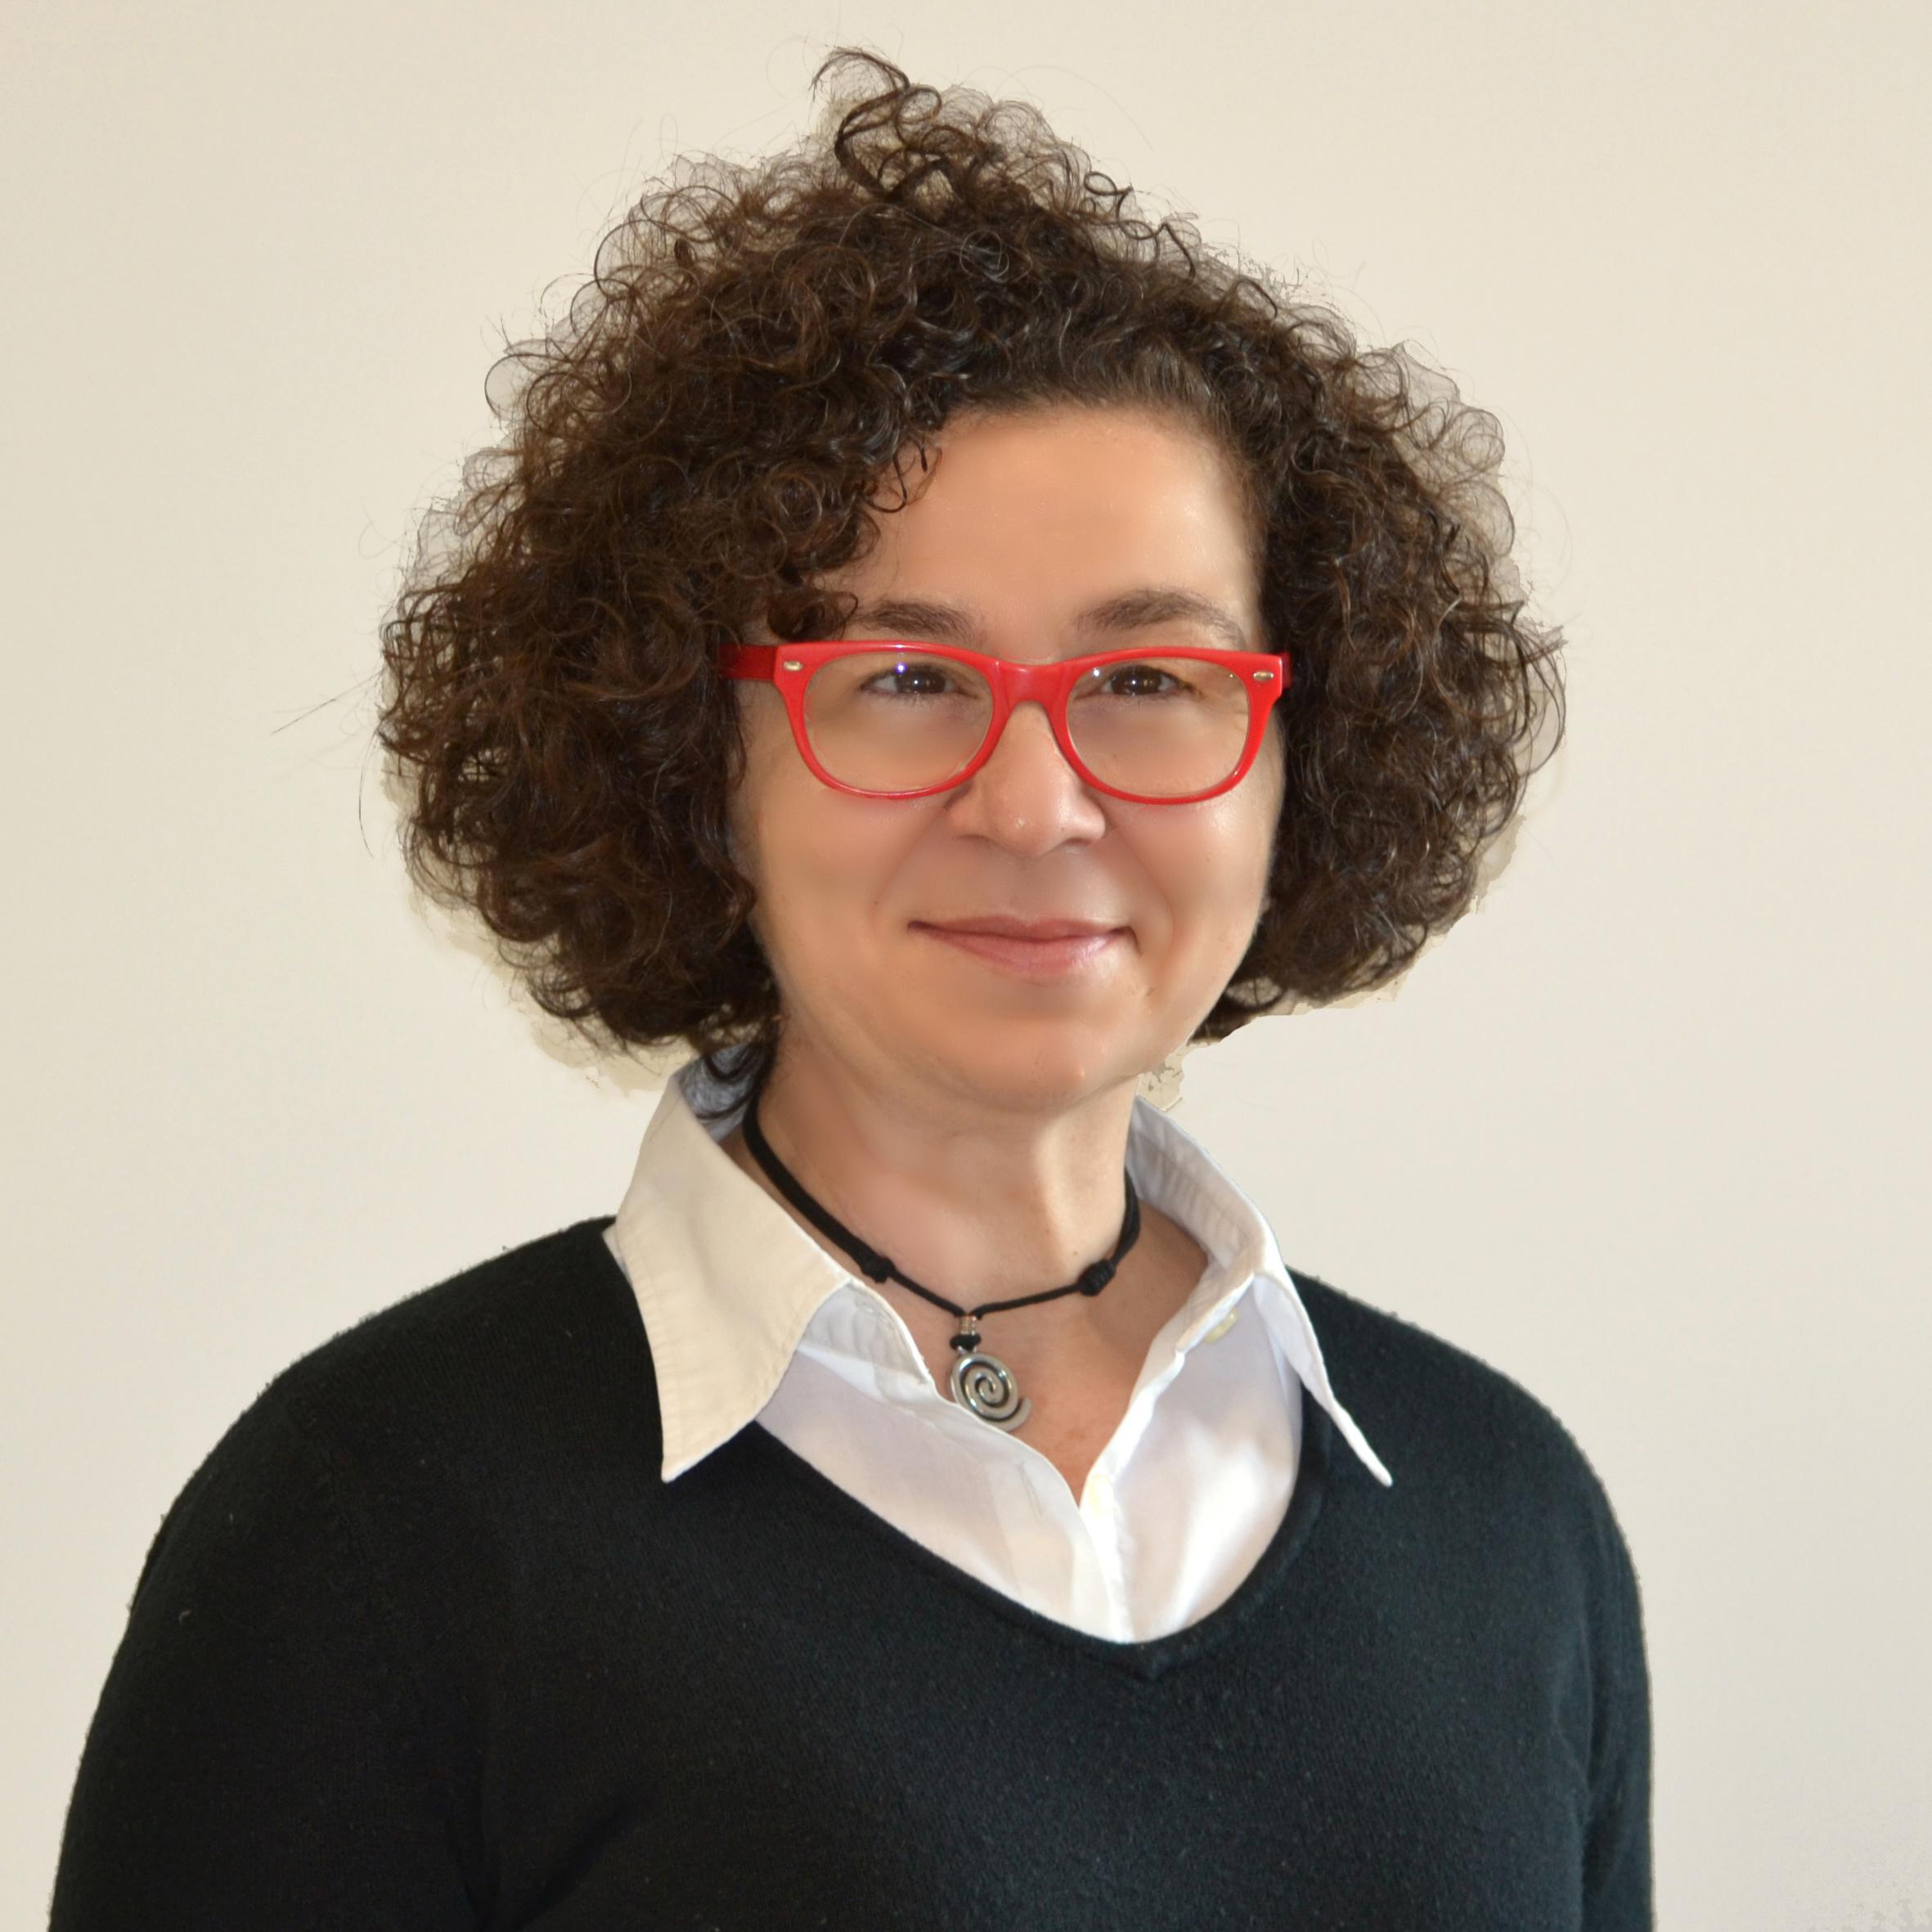 Presentación de nuevas colaboradoras: Antonia Díaz, Beatriz González y Judit Vall